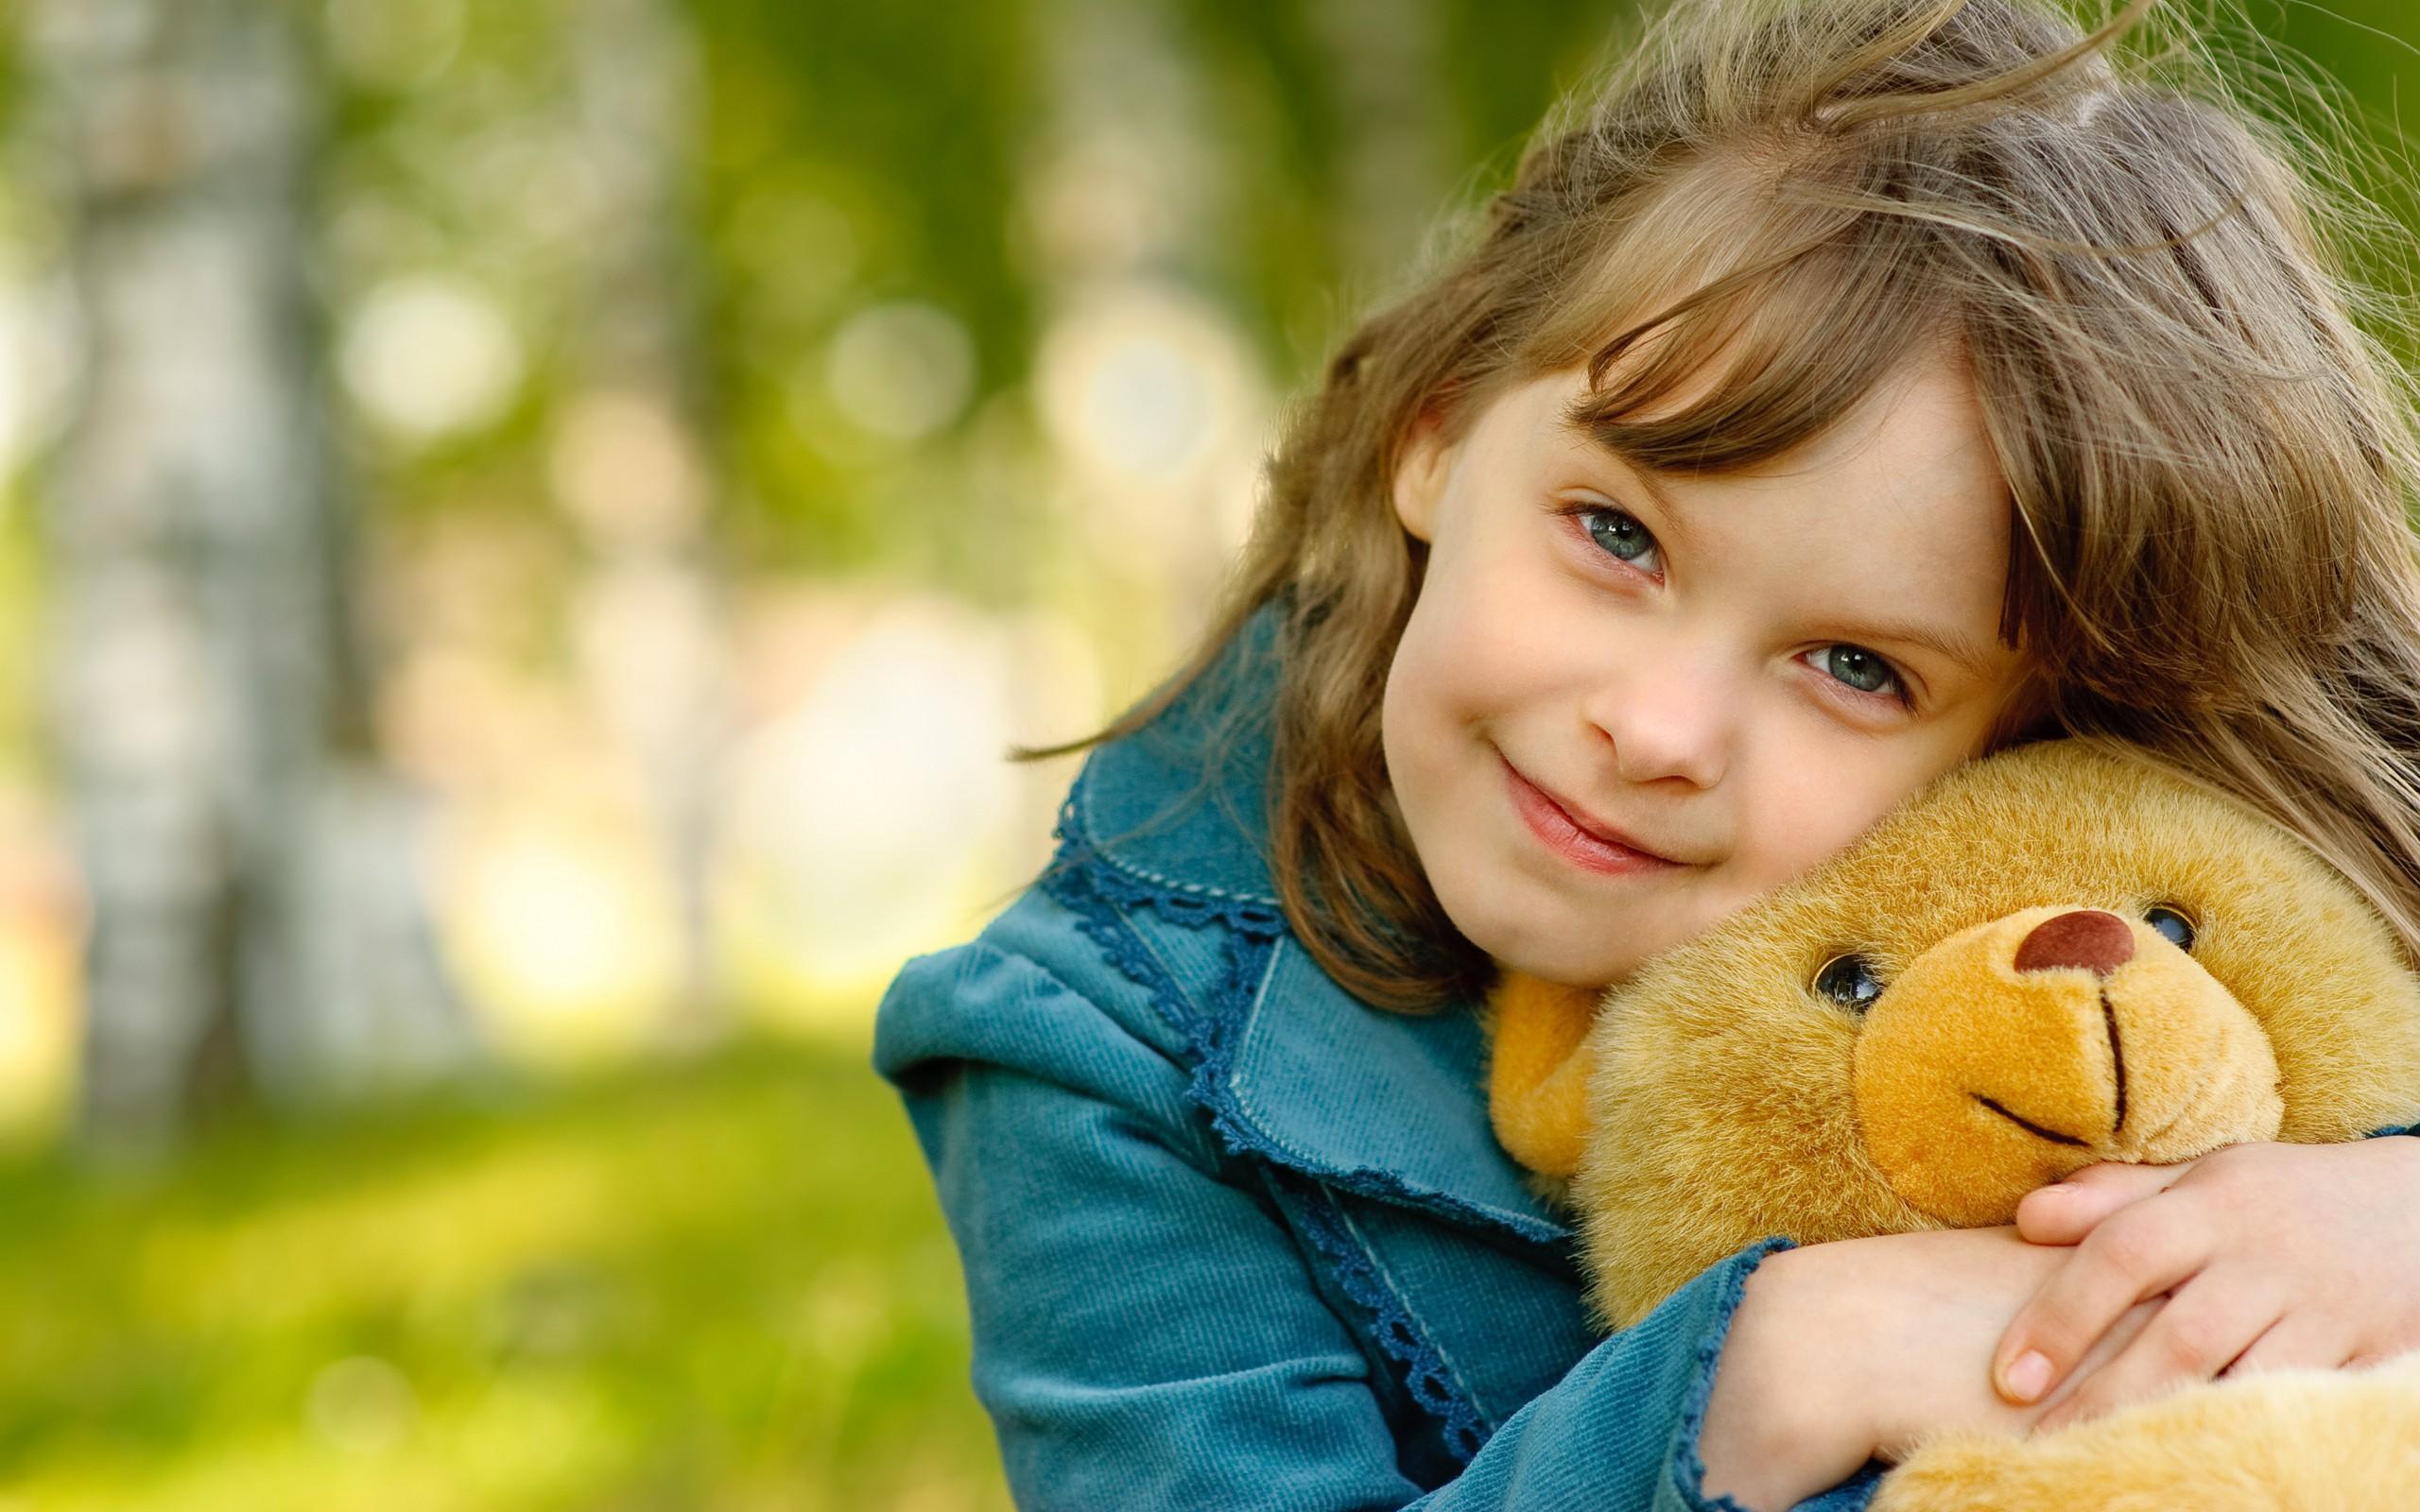 صور أطفال جميلة كيوت